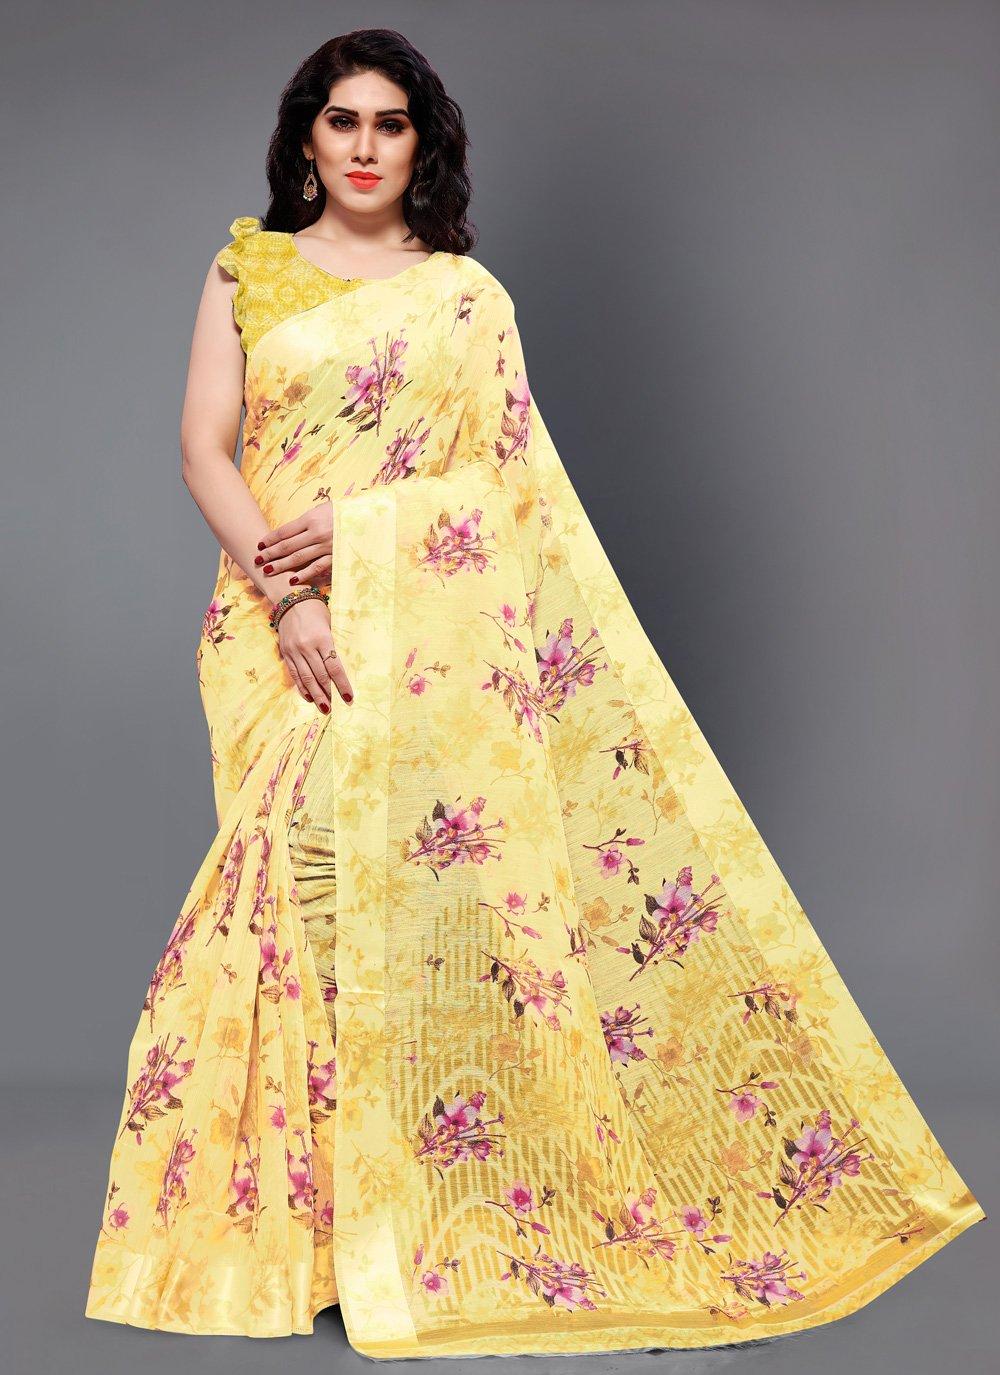 Printed Cotton Classic Designer Saree in Yellow